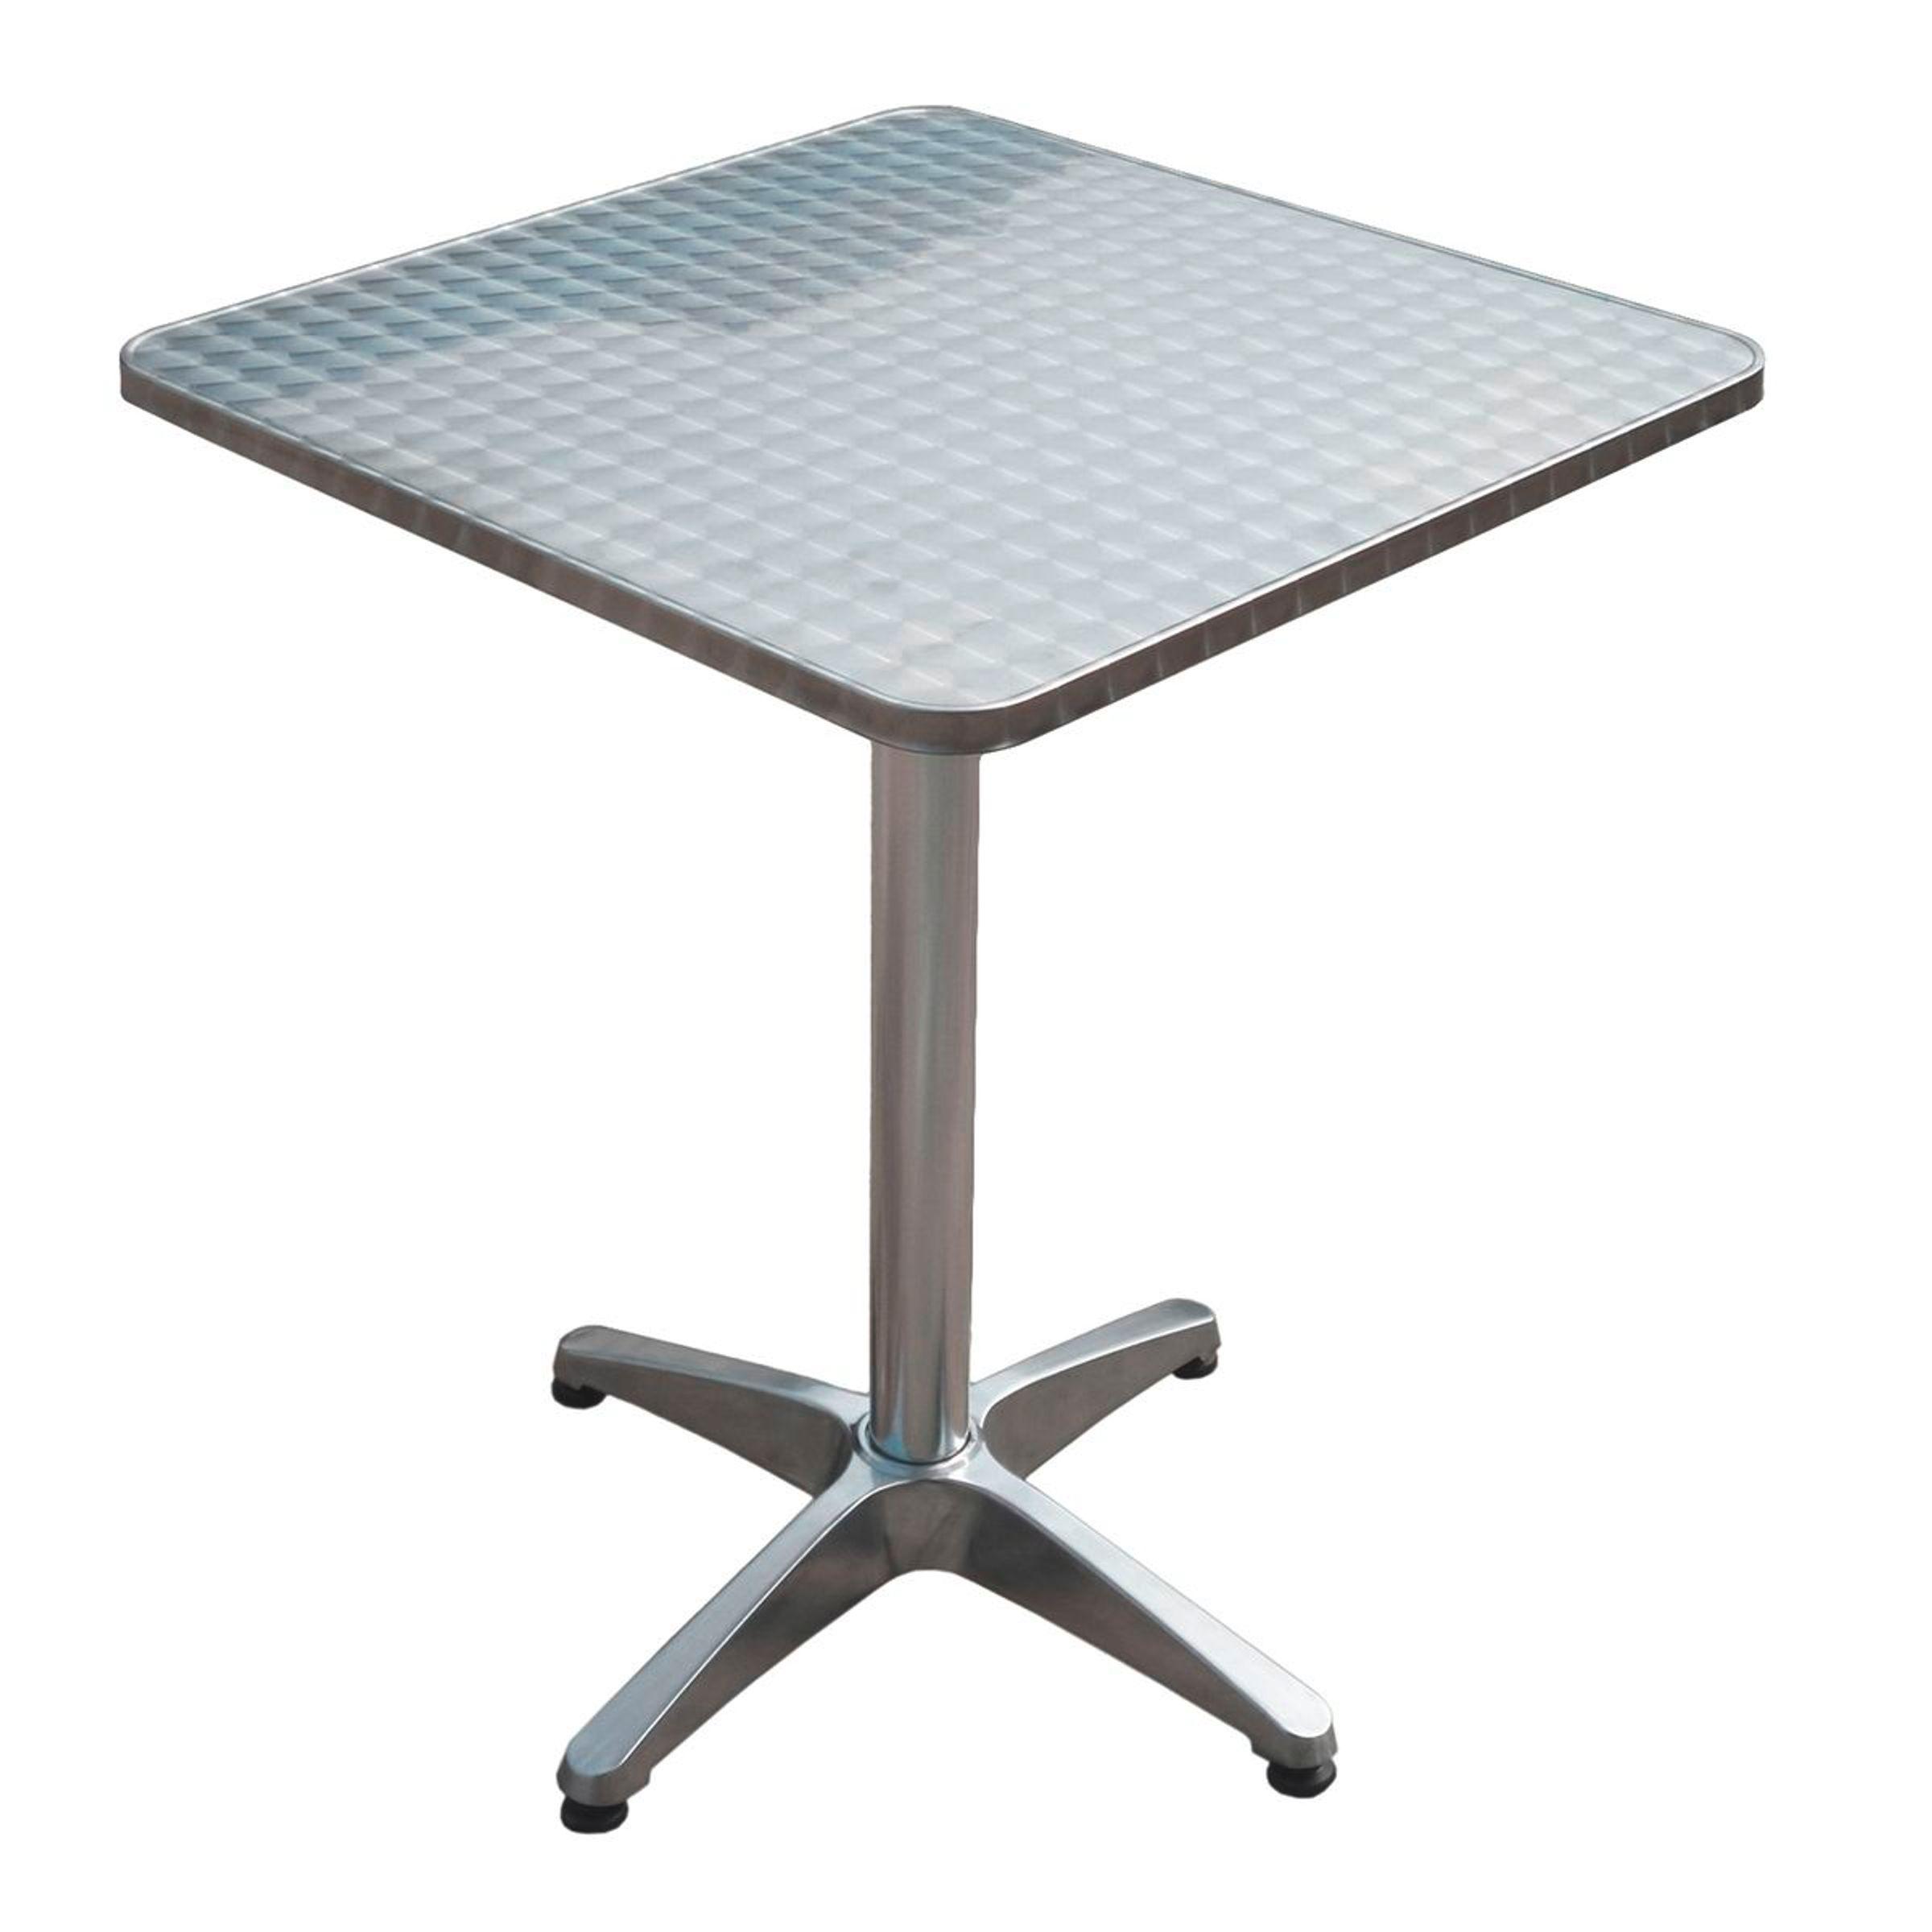 Bistro Tisch Klapptisch Gartentisch Klappbar Quadratisch Alu Gestell